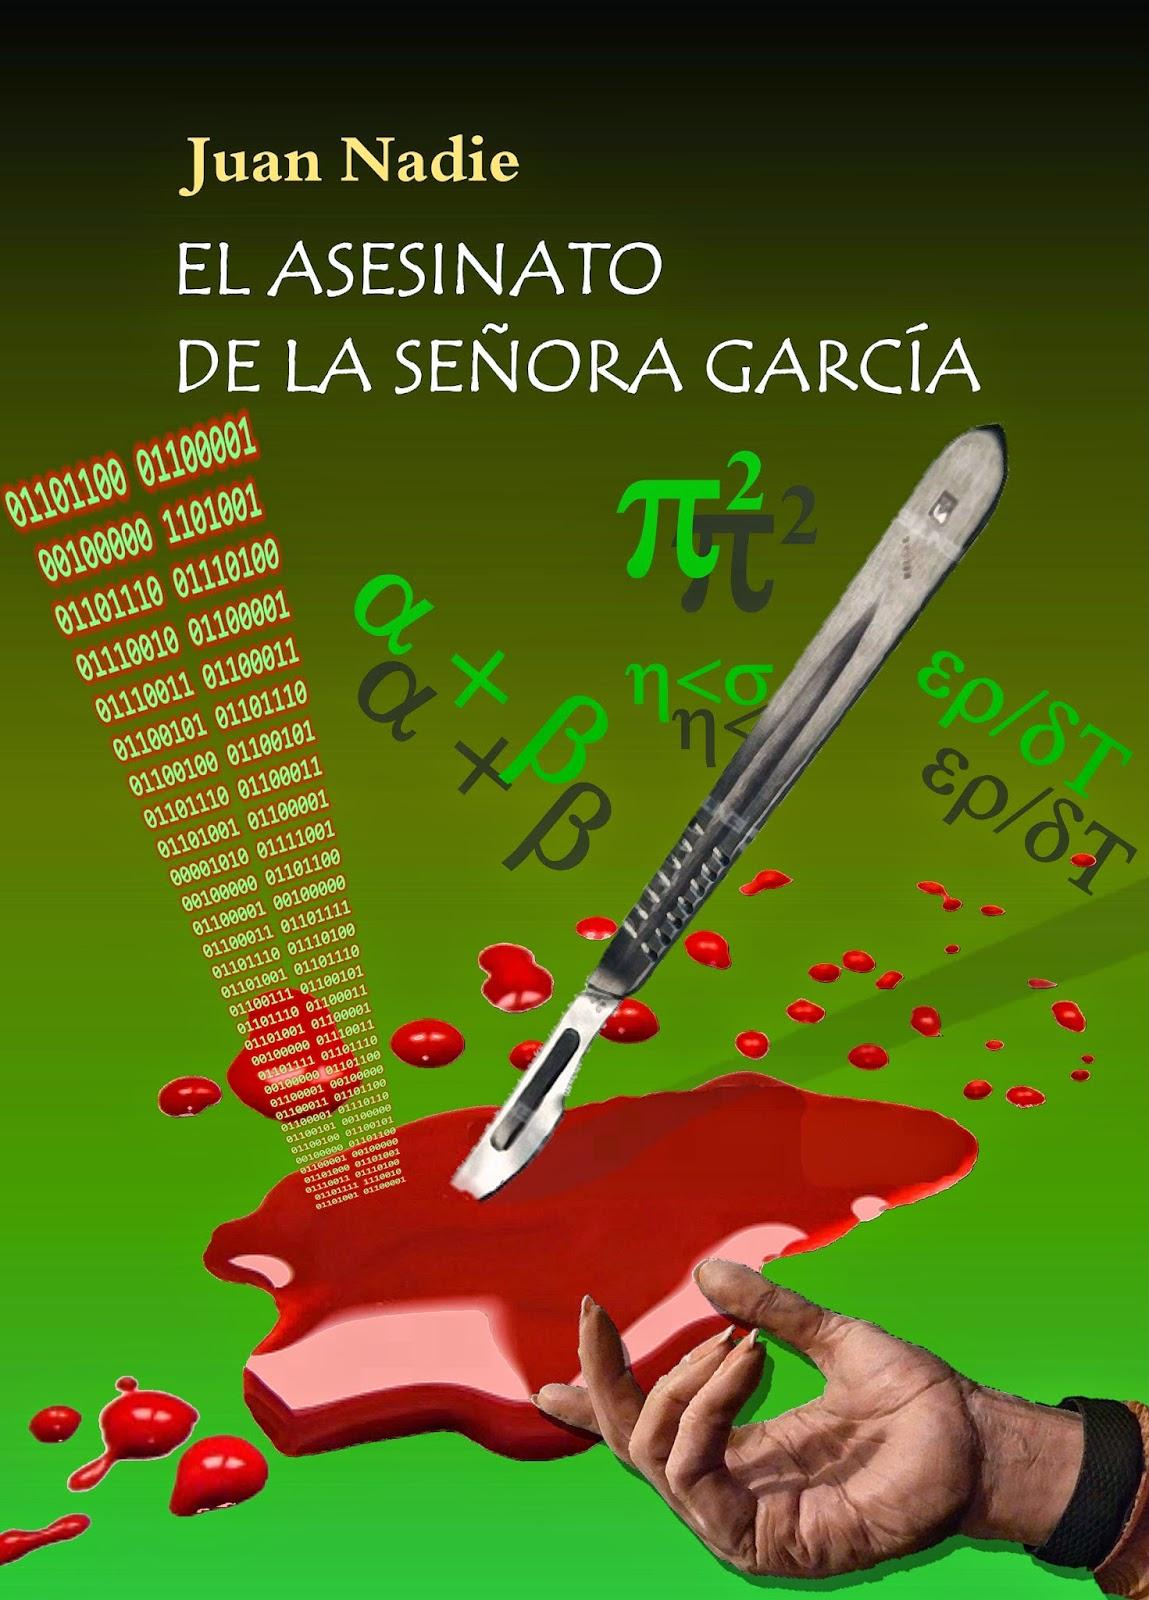 http://www.entreescritores.com/es/biblioteca/ciencia-ficcionfantastica/el-asesinato-de-la-senora-garcia/5-612-0/#.VBGM12OjtAH